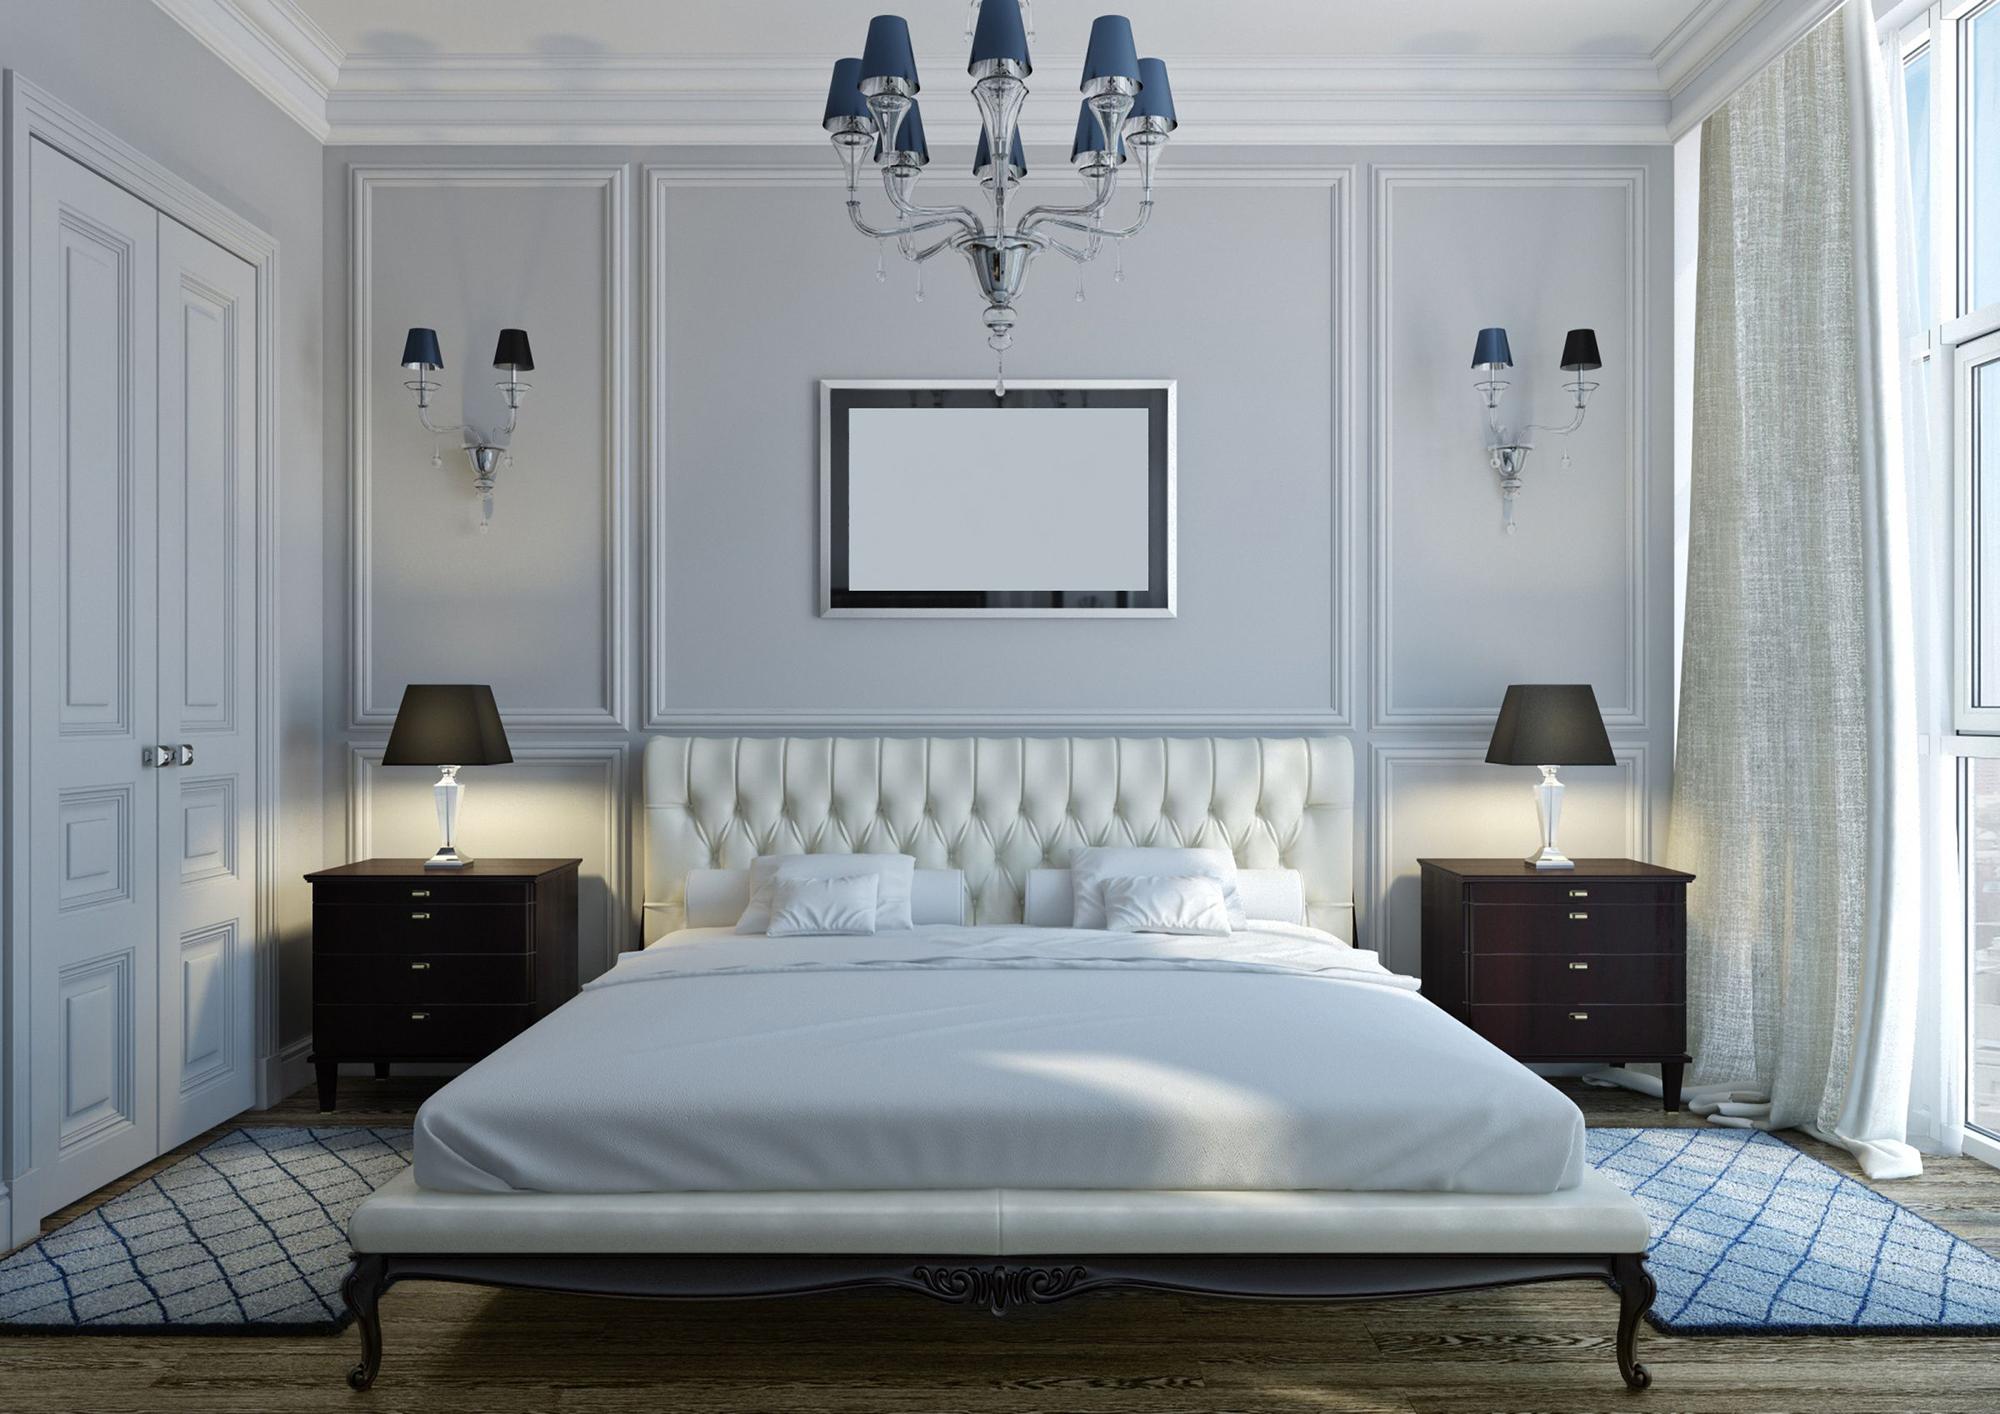 Фэн-шуй Спальни, Как Расставить Мебель, Растения, Картины и Аквариум, Как Выбрать Цветовую Гамму и Красиво Оформить Спальню